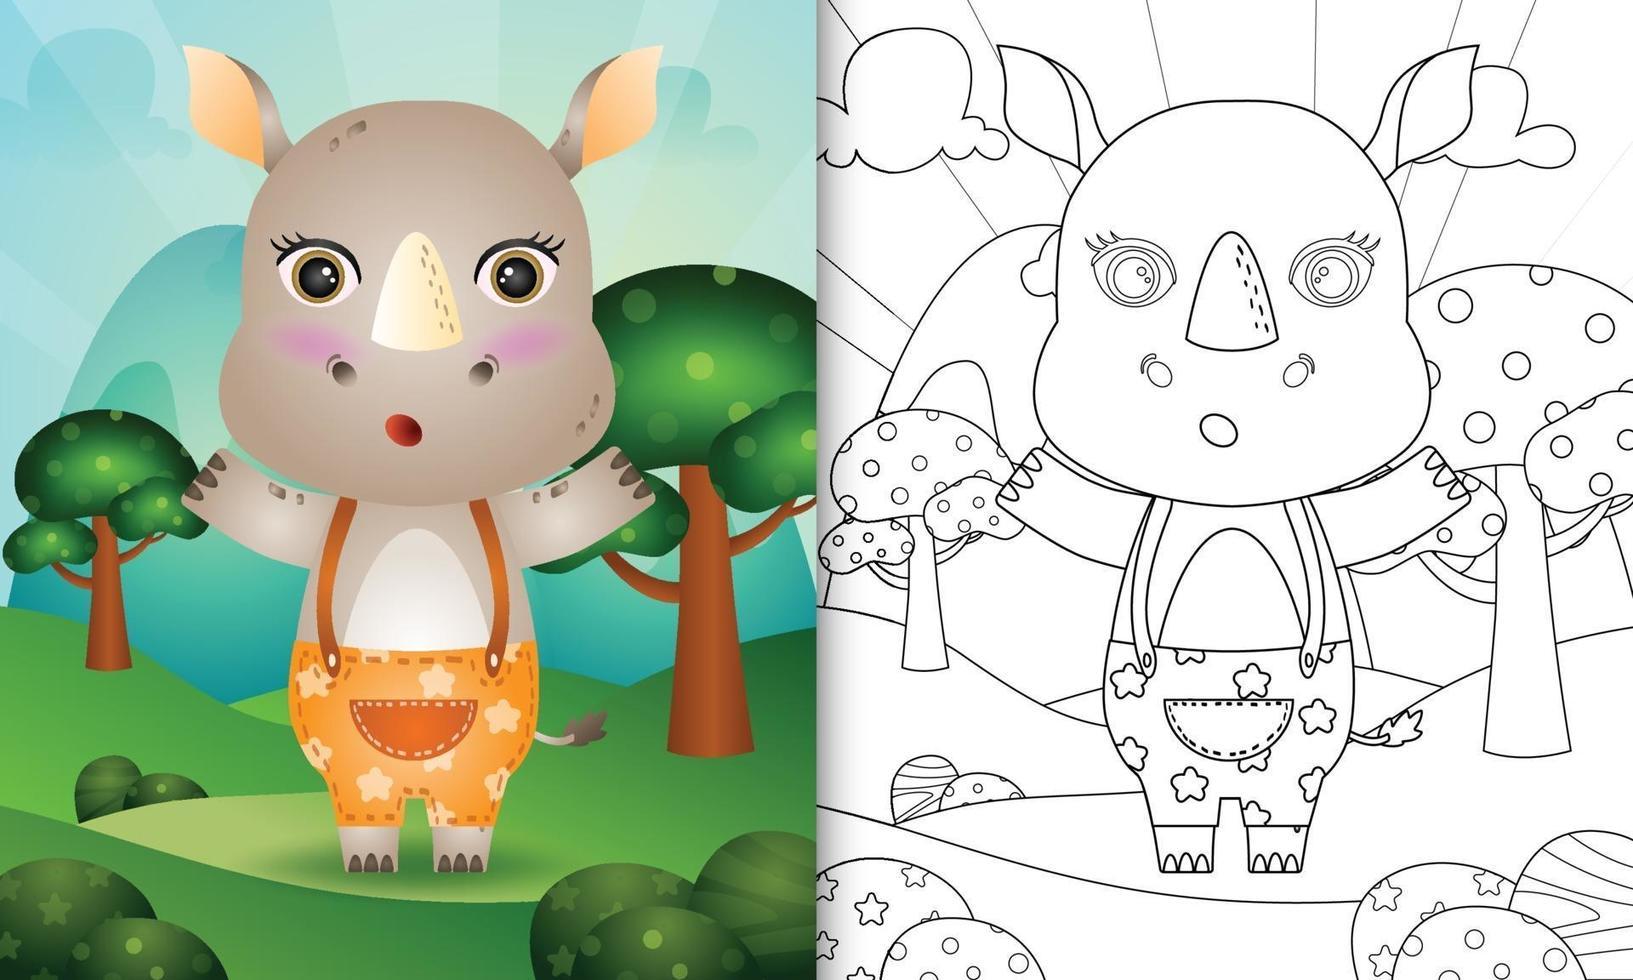 modèle de livre de coloriage pour les enfants avec une illustration de personnage de rhinocéros mignon vecteur